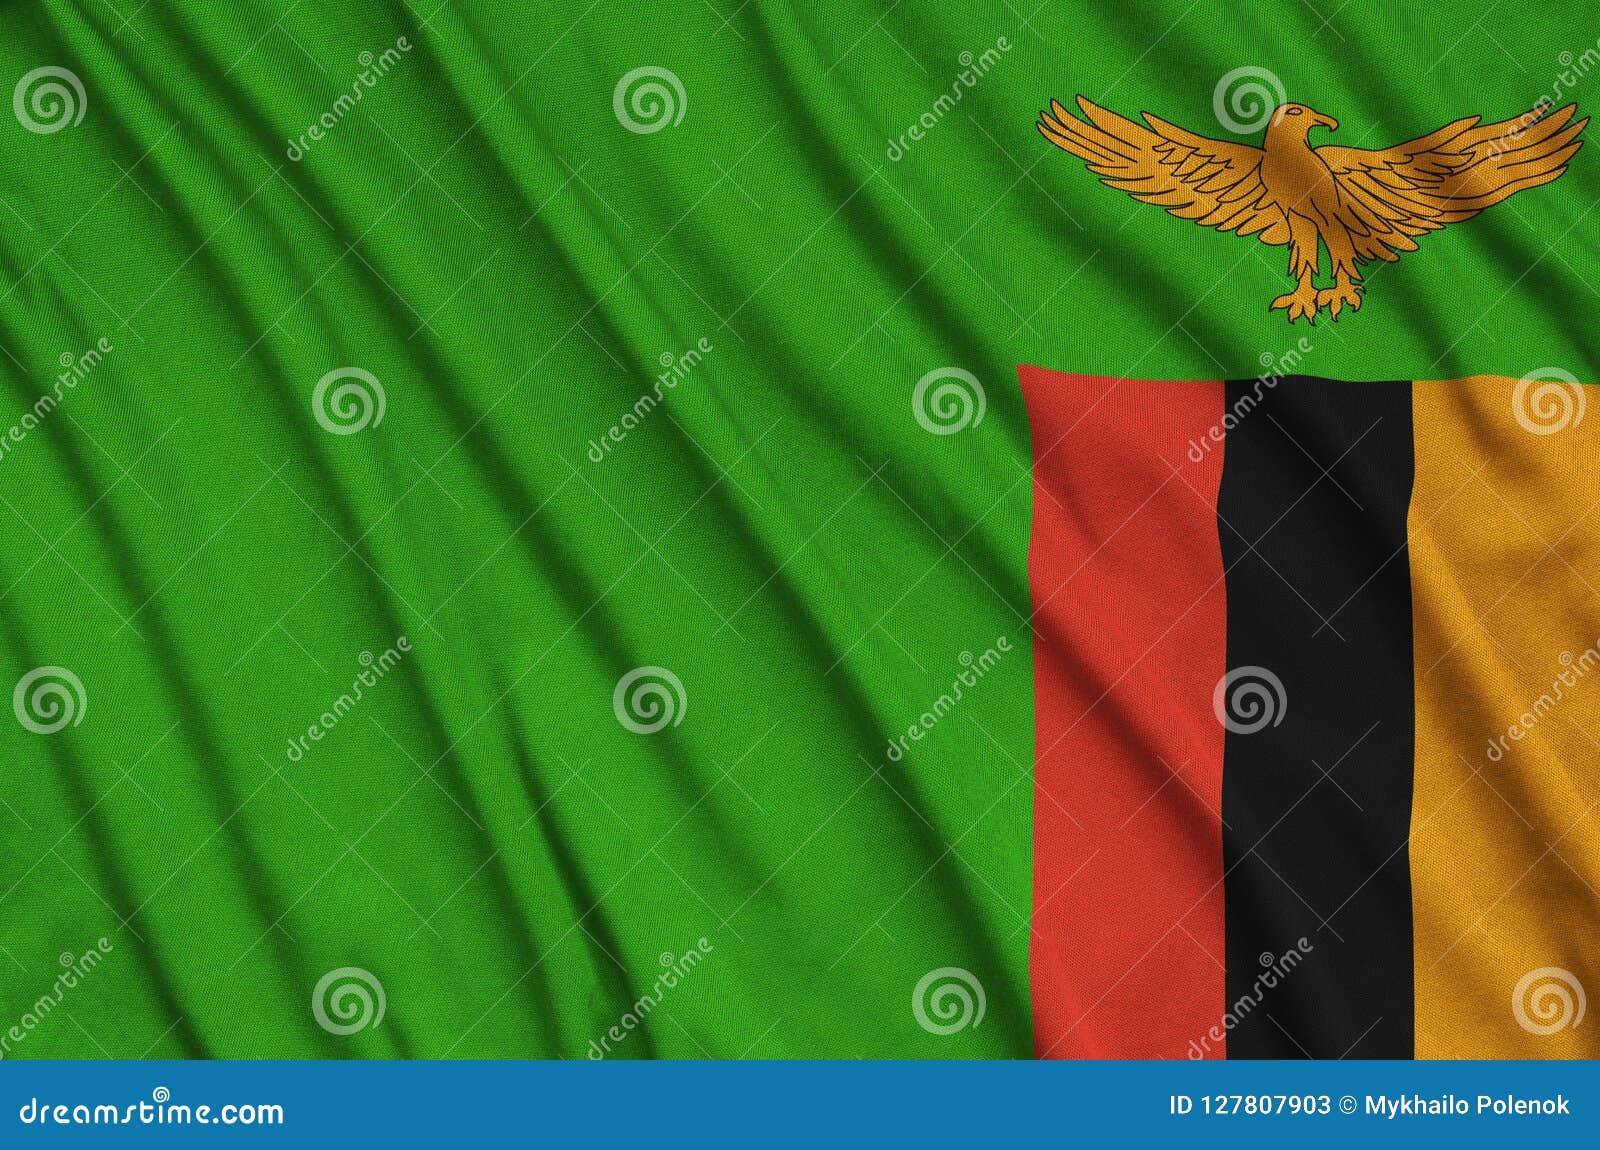 Η σημαία της Ζάμπια απεικονίζεται σε ένα ύφασμα αθλητικών υφασμάτων με πολλές πτυχές Έμβλημα αθλητικών ομάδων